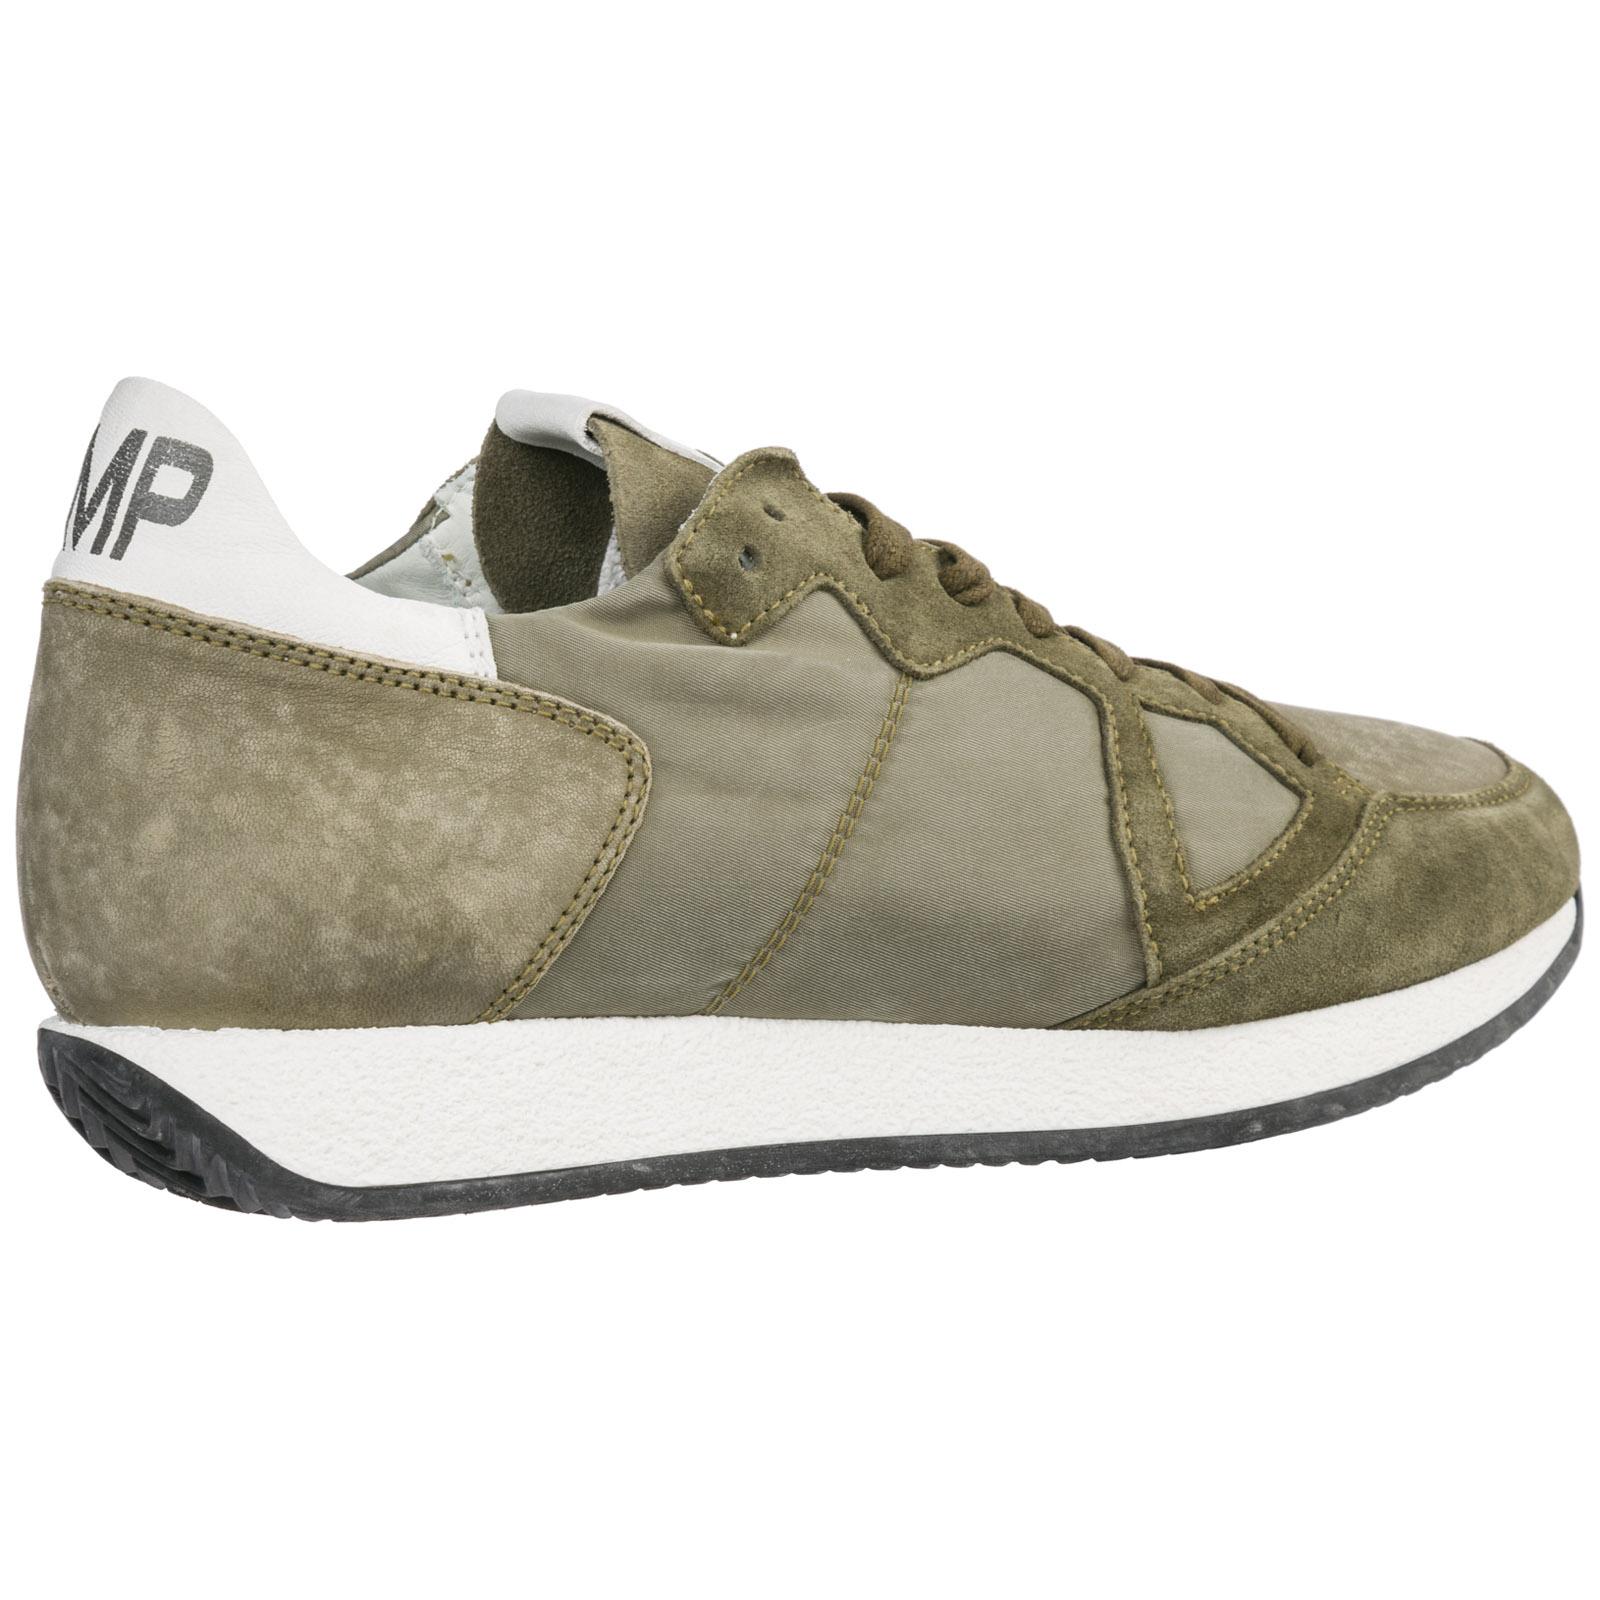 ed72c2625f Scarpe sneakers uomo camoscio monaco vintage